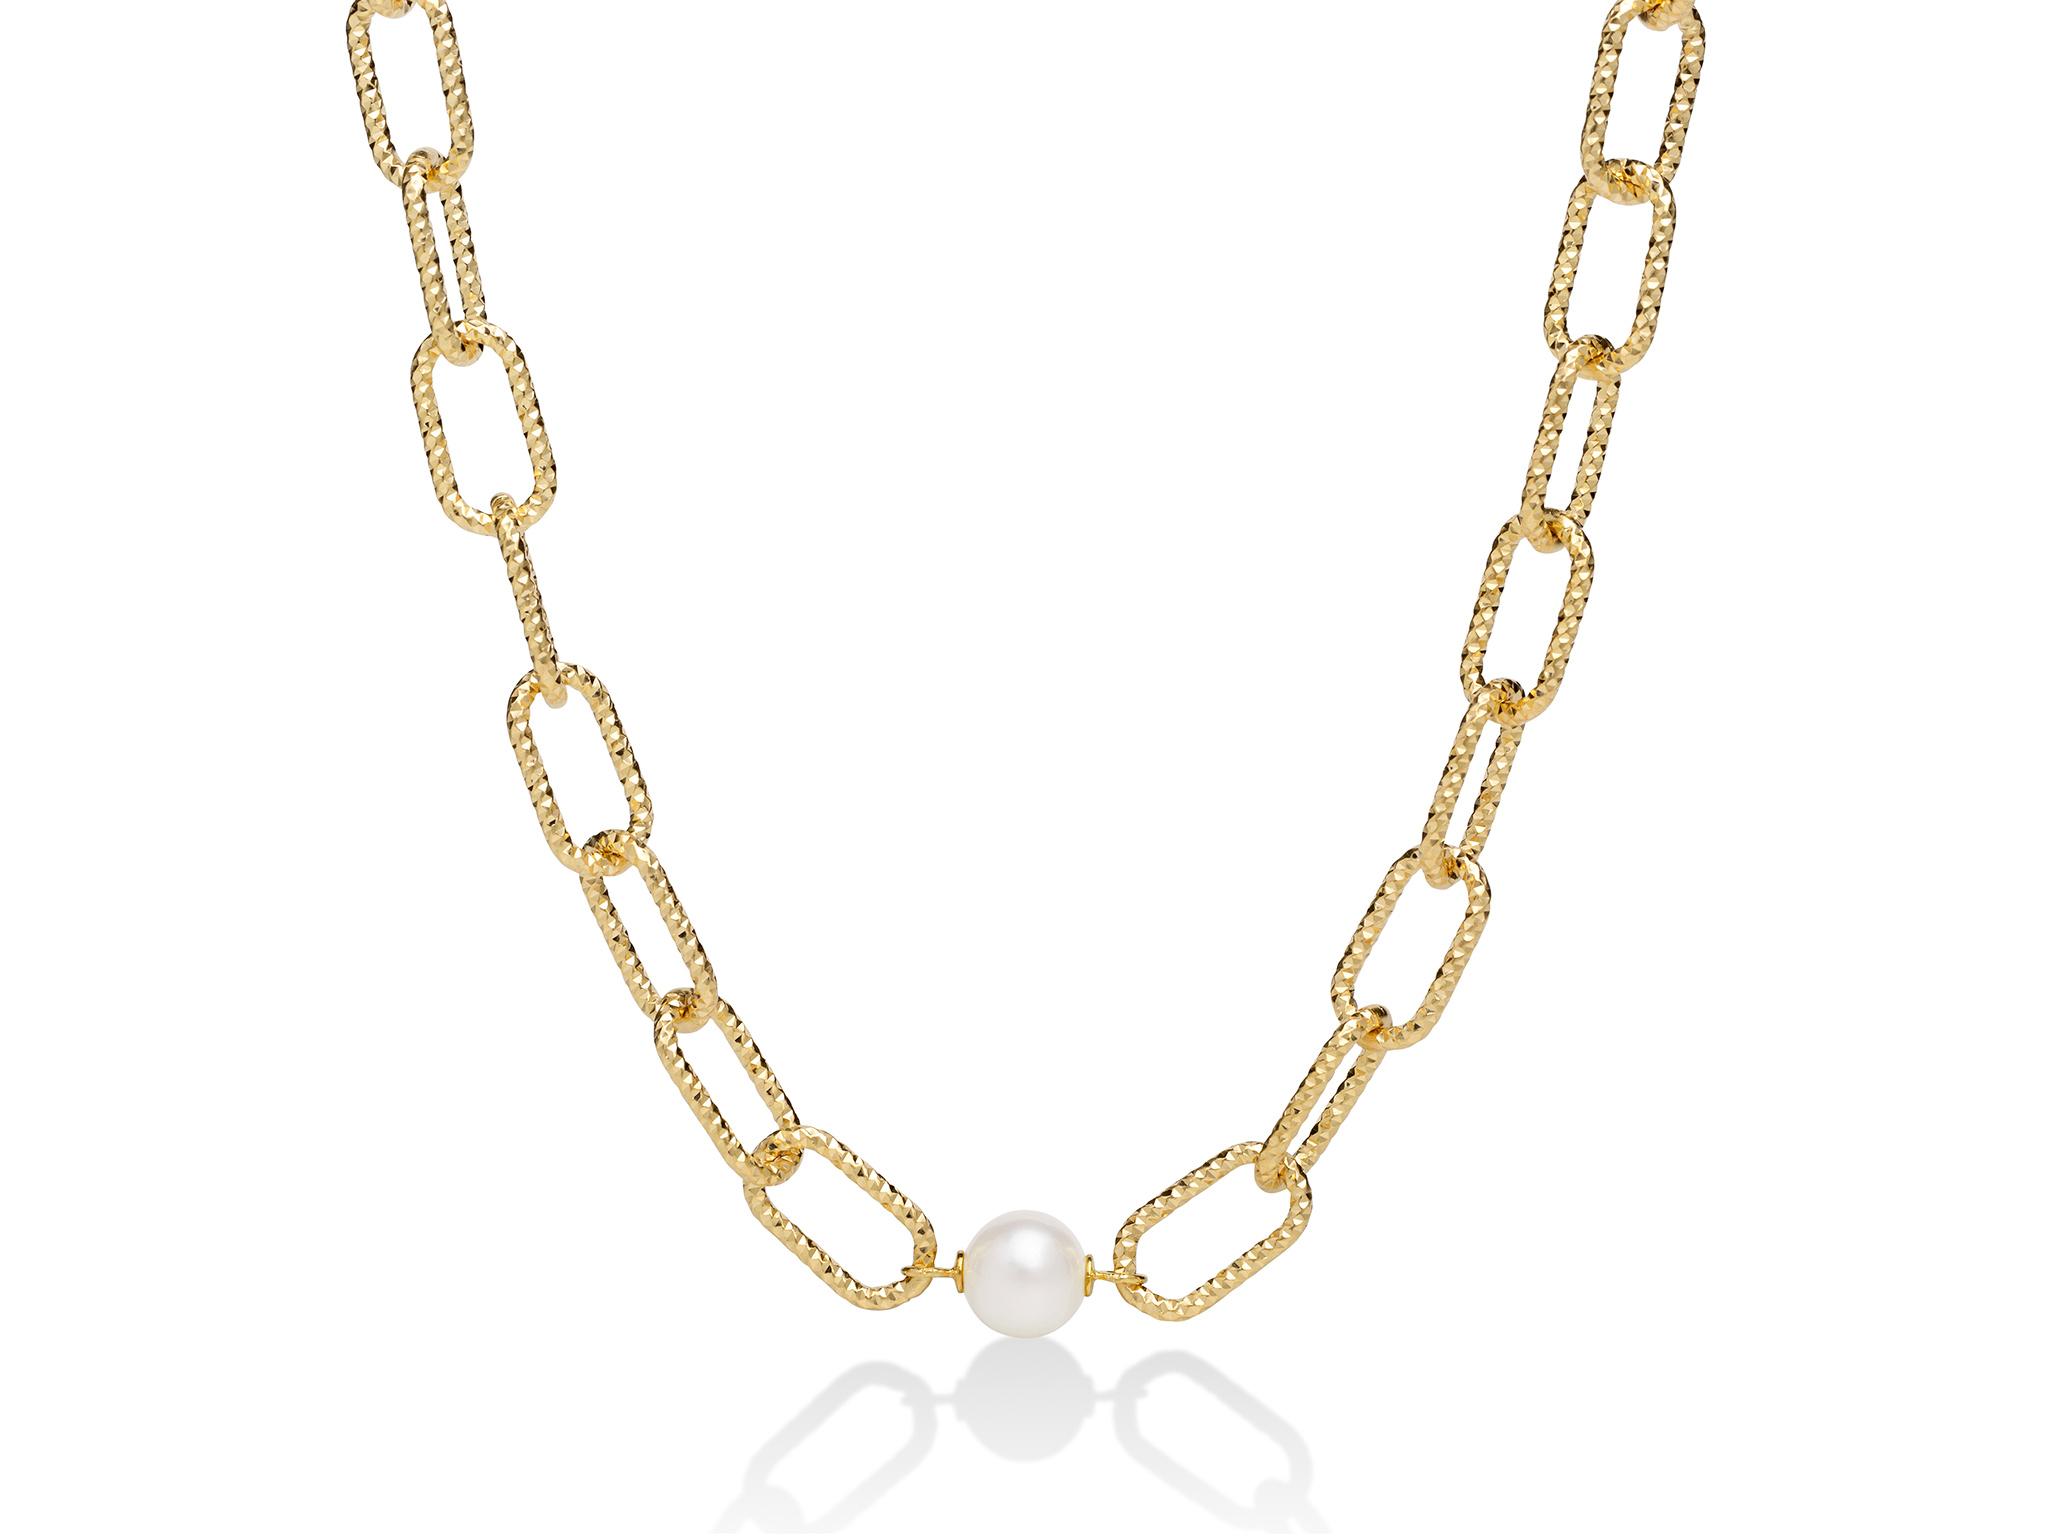 Collana con catena a maglia grande, in argento con perla - PCL6070G